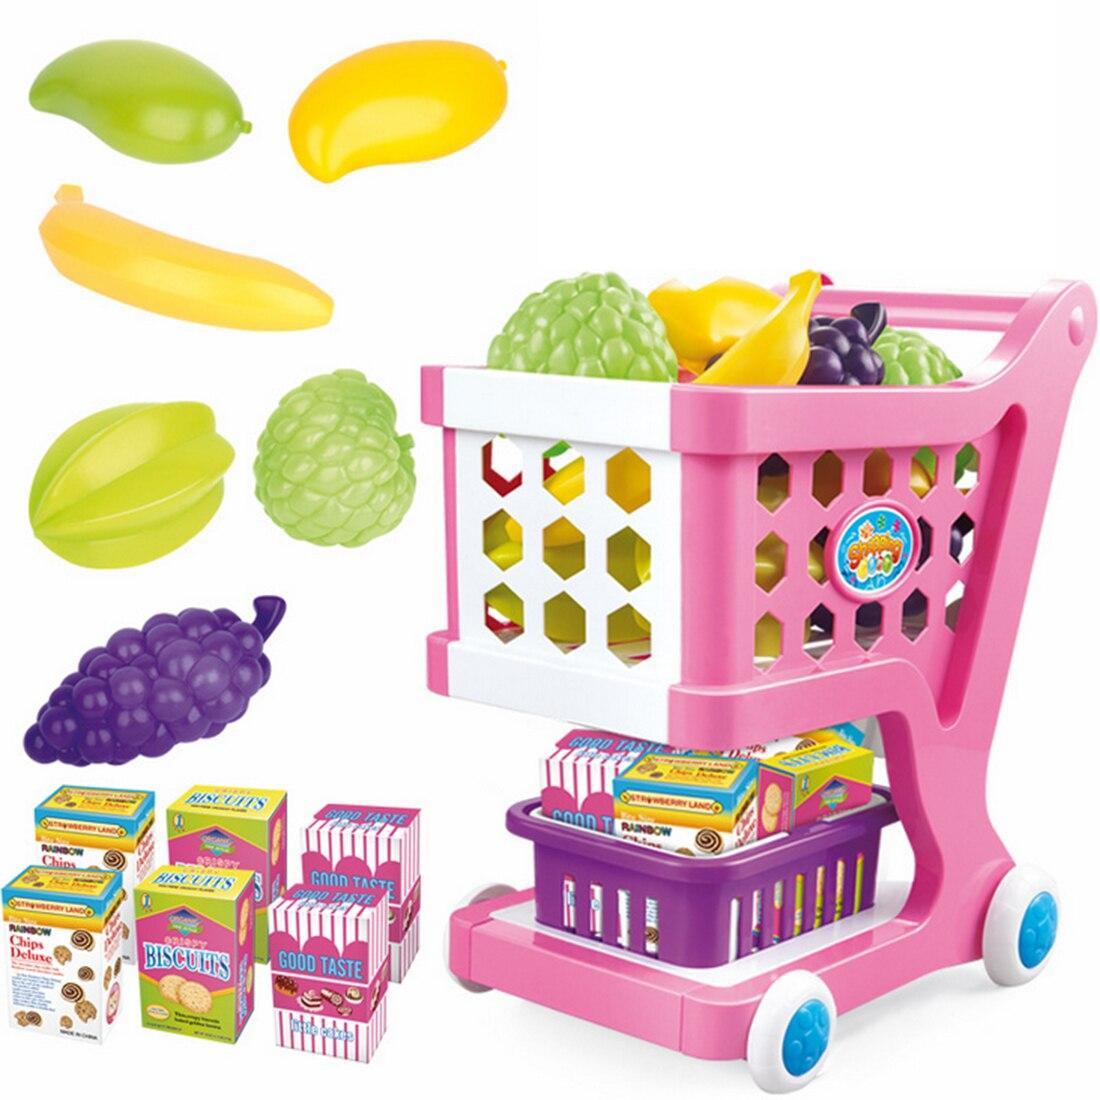 Chariot de Simulation de chariot de supermarché avec des Fruits légumes jouets d'épicerie pour l'éducation d'apprentissage précoce des enfants